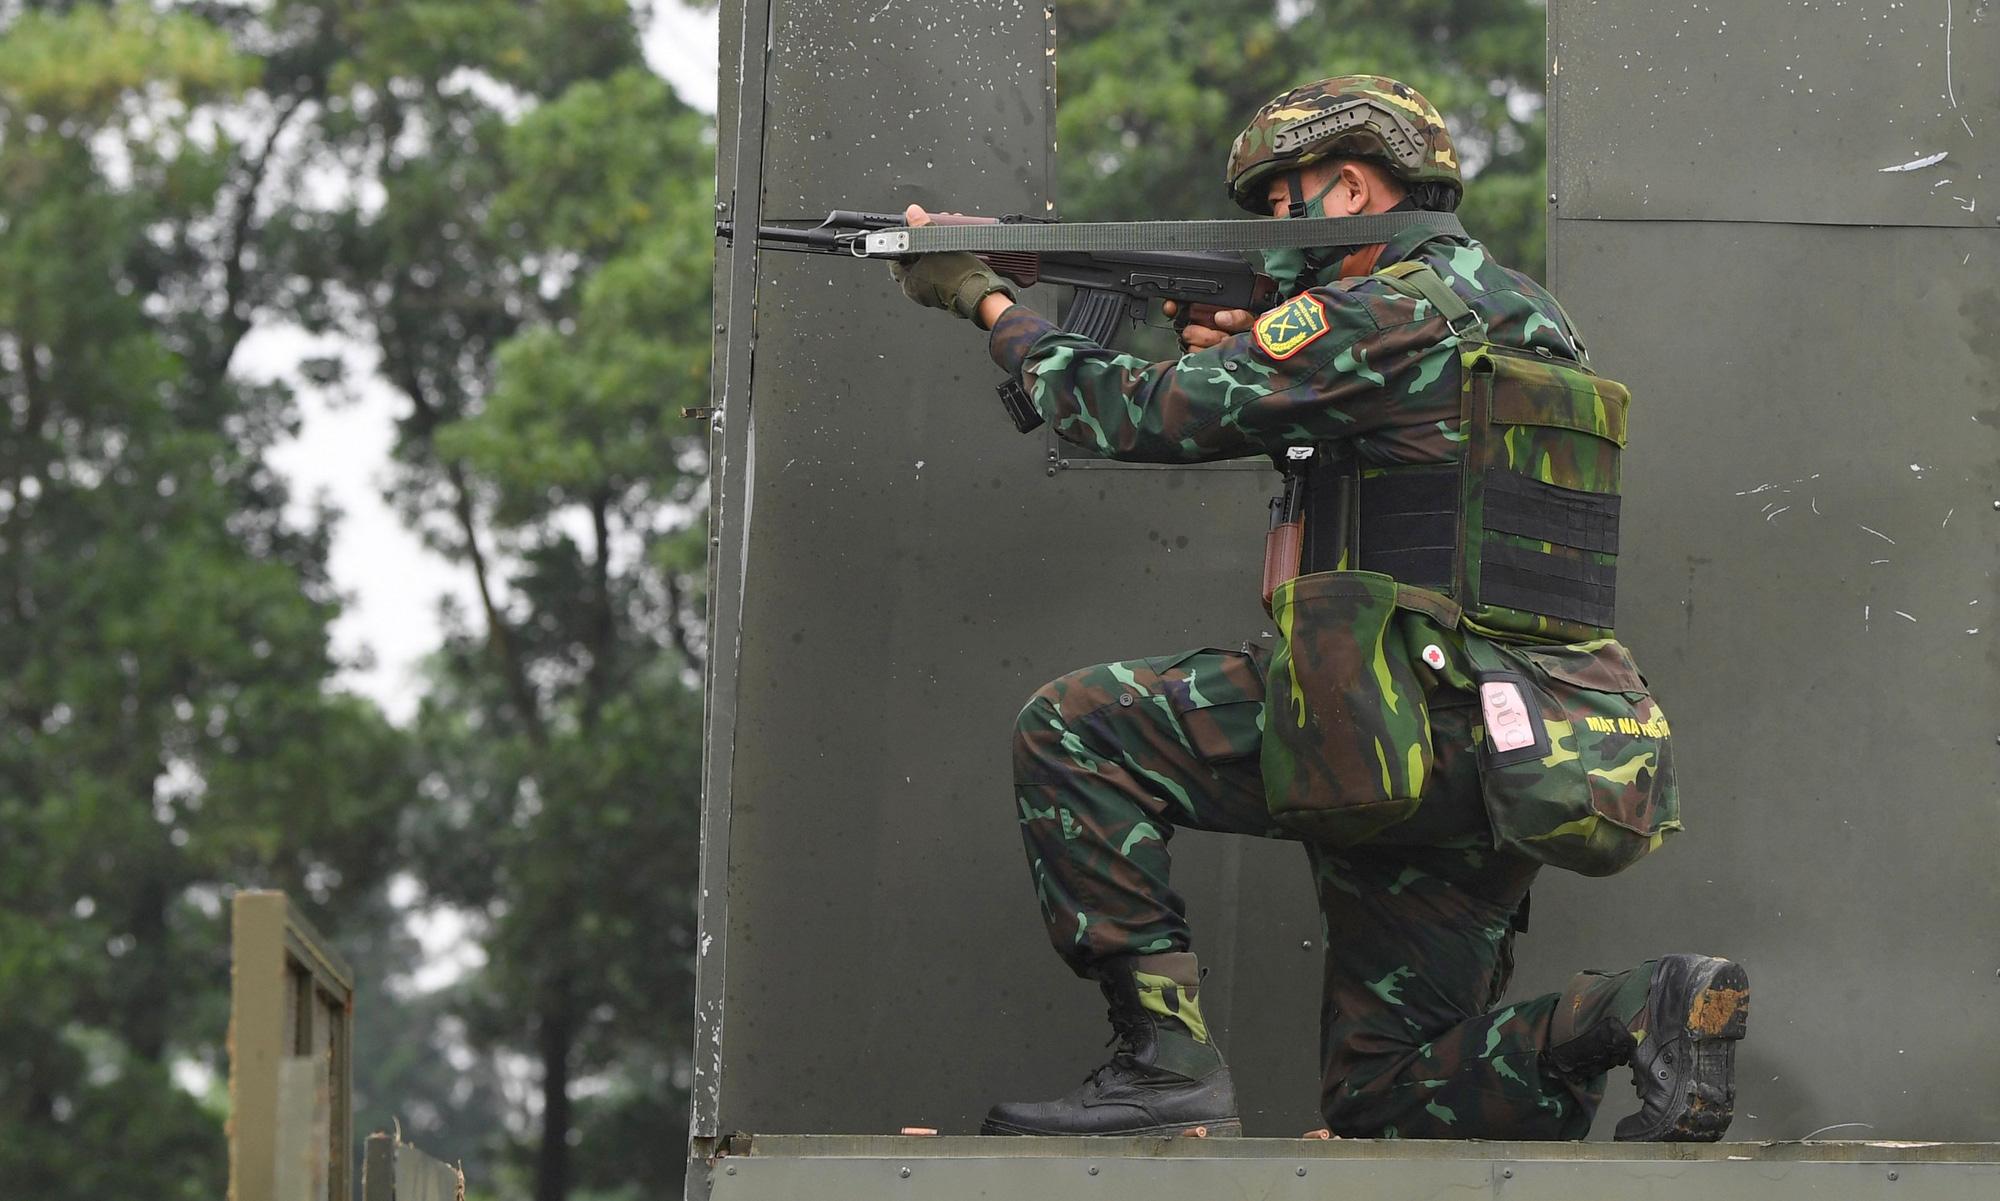 [PHOTO ESSAY] Army Games 2021: Hành trình quyết thắng của đội tuyển QĐND Việt Nam qua 12 con số đặc biệt - Ảnh 9.